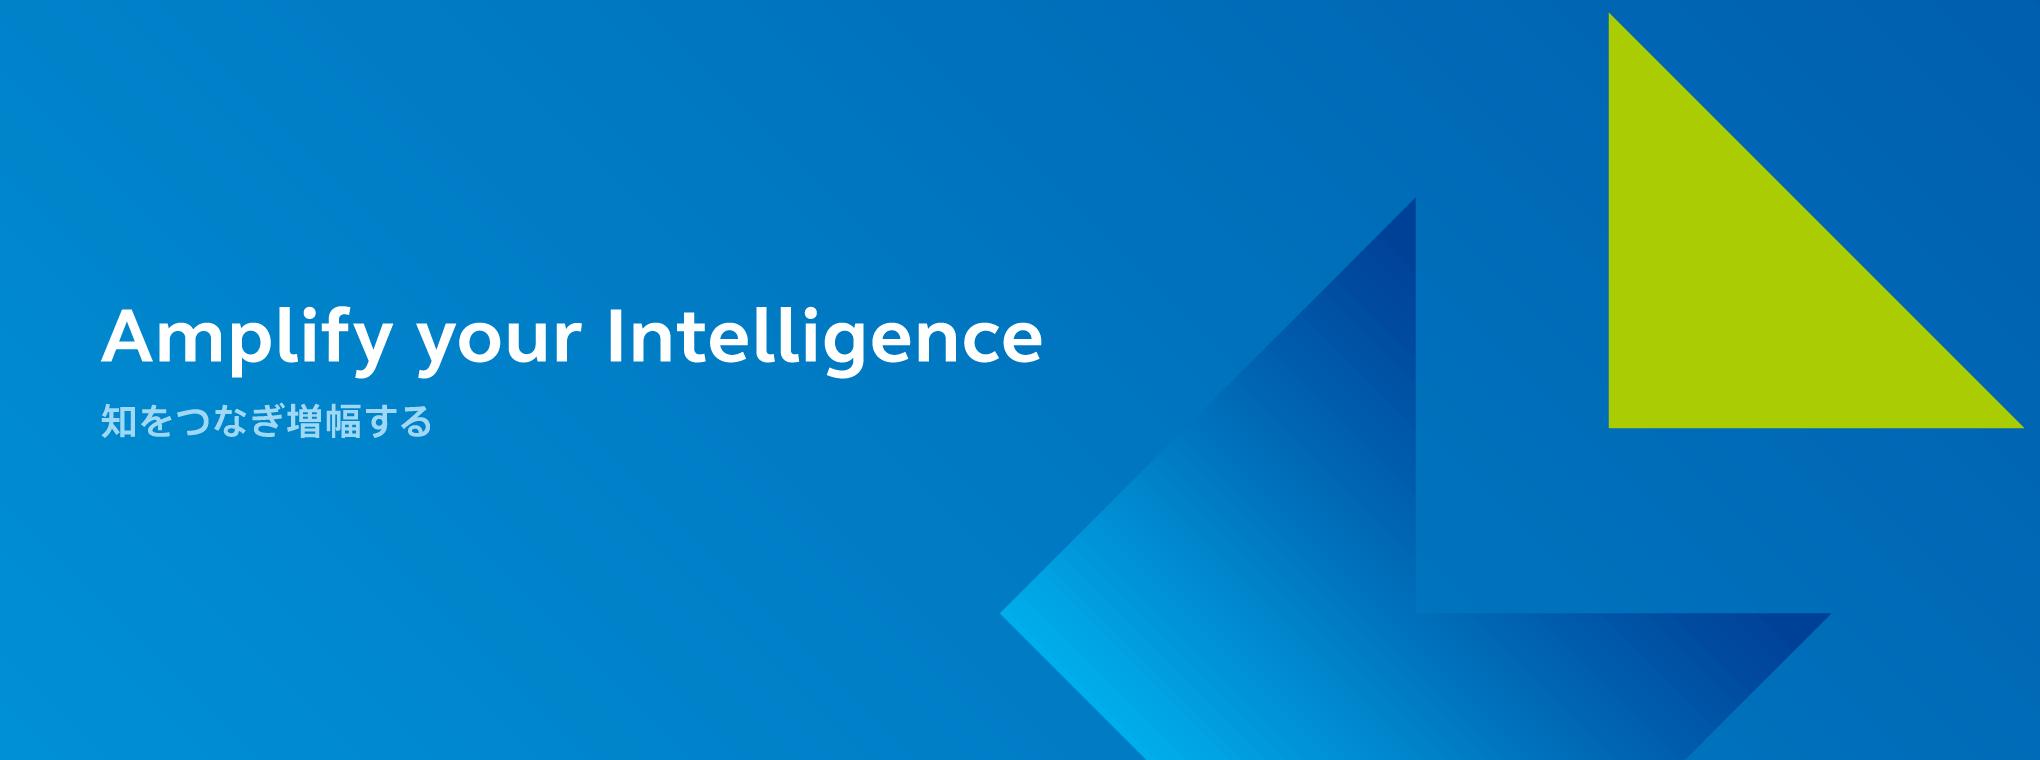 Amplify your intelligence 知をつなぎ増幅する